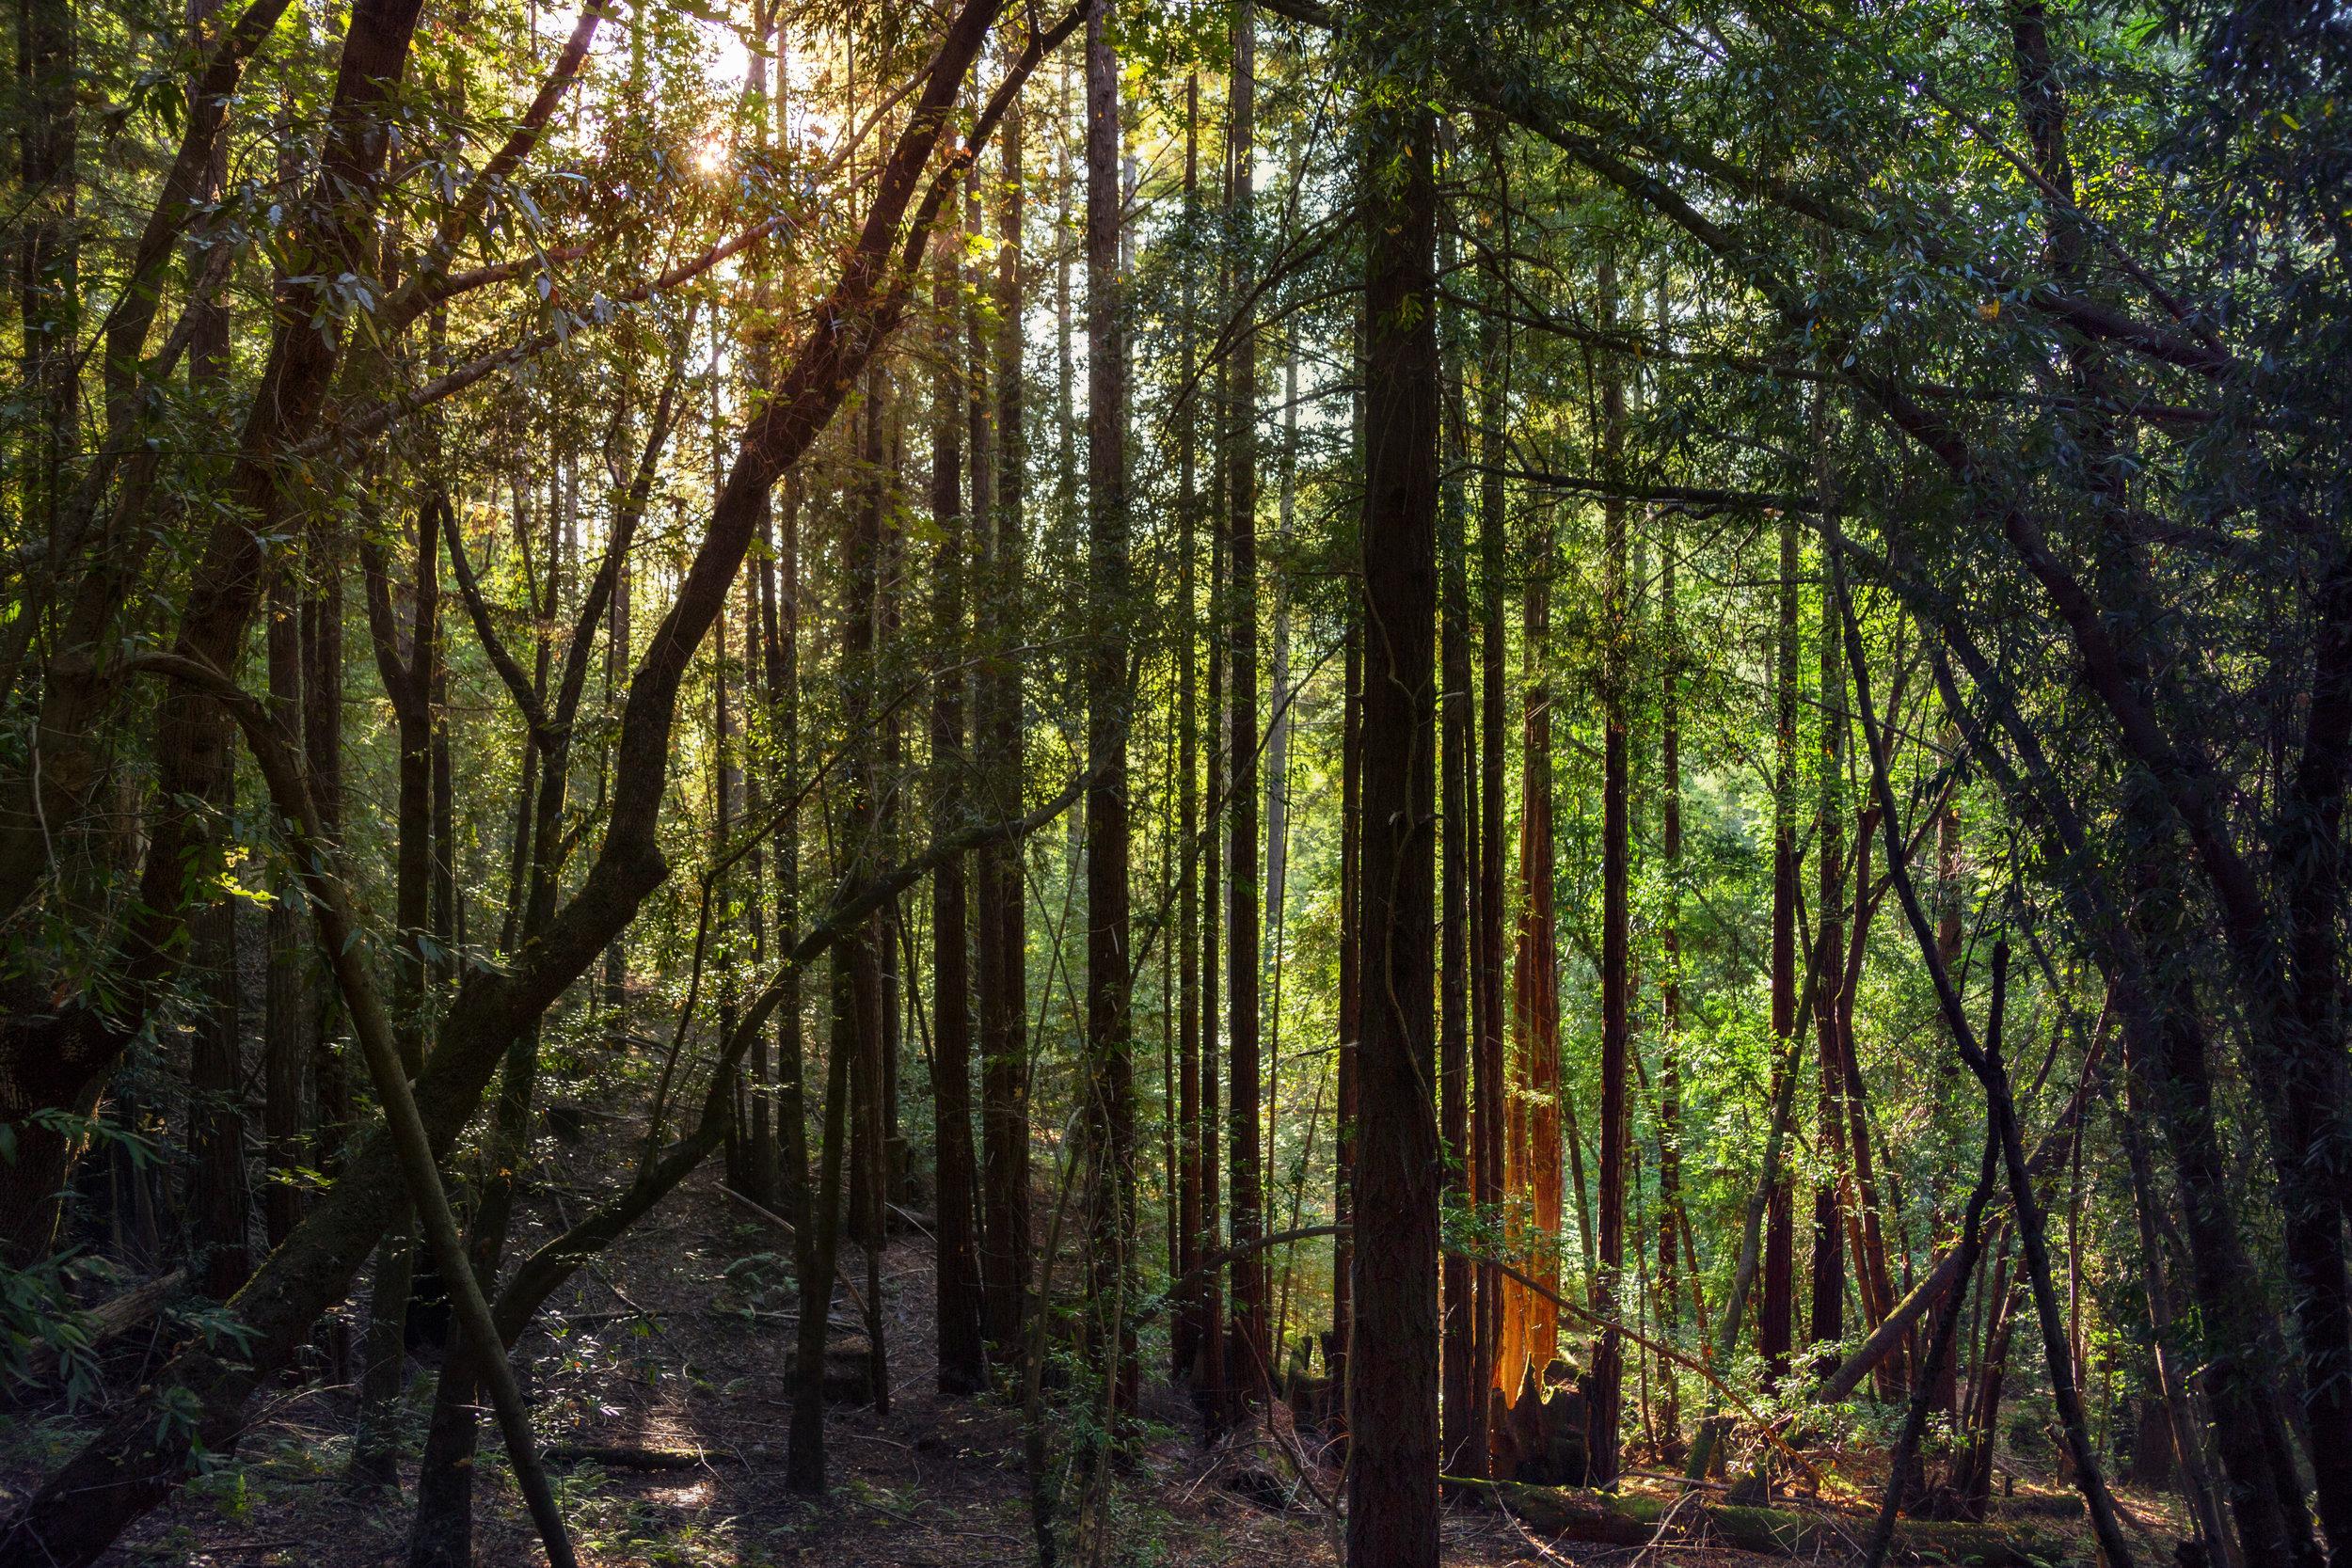 densetrees.jpg